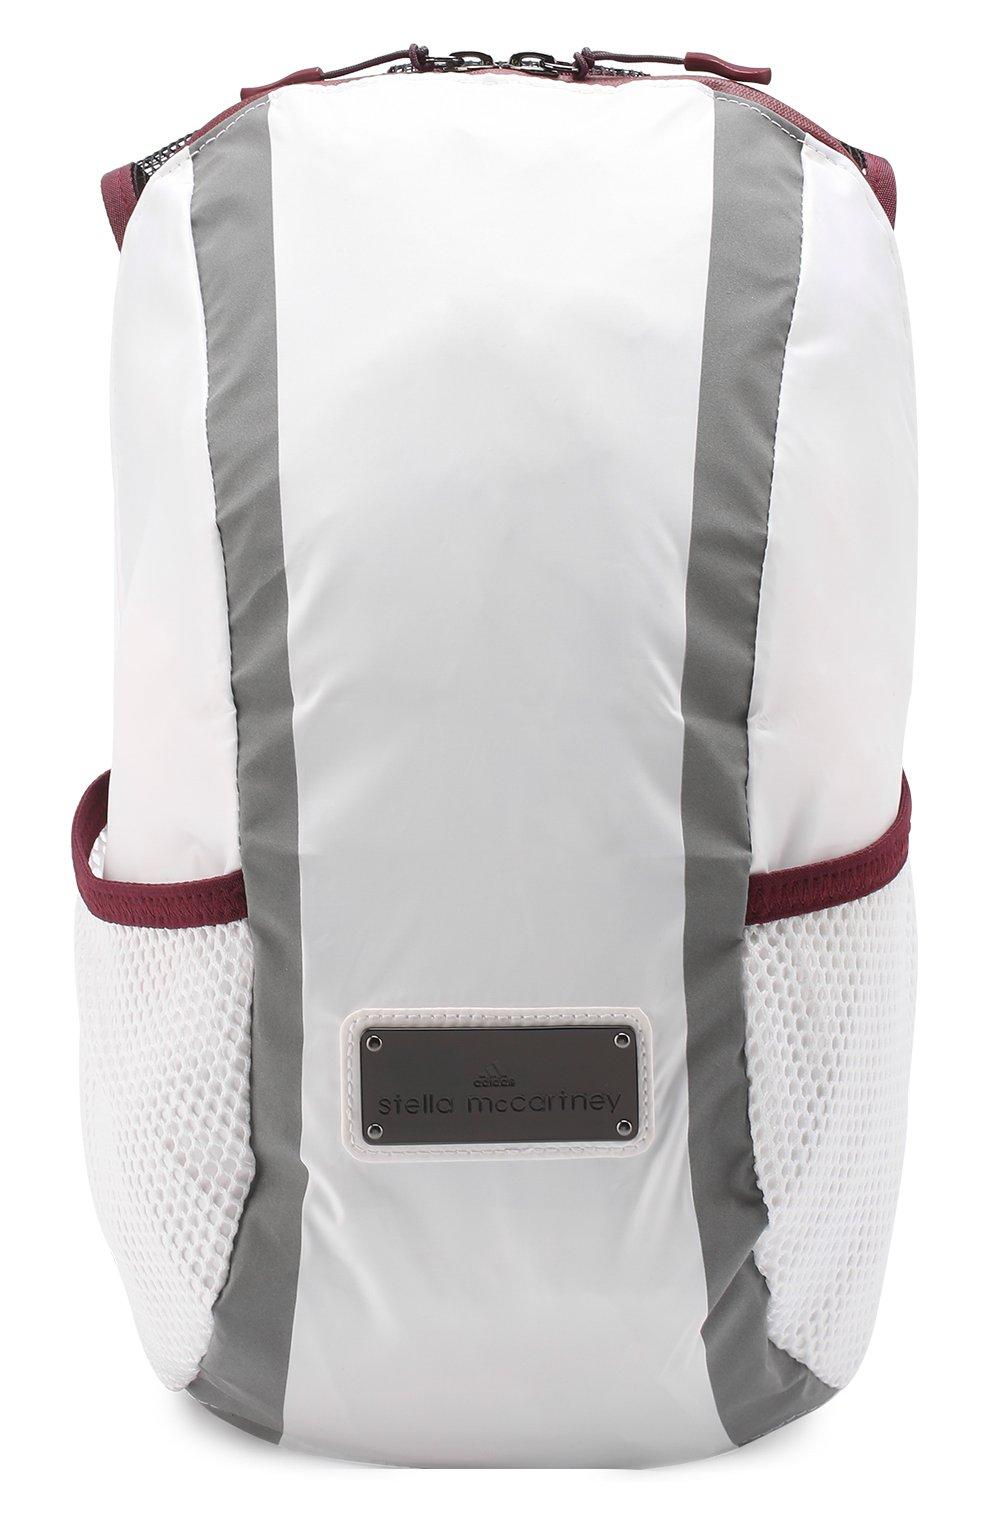 Рюкзаки adidas купить в спб рюкзак fjallraven kanken classic купить в москве